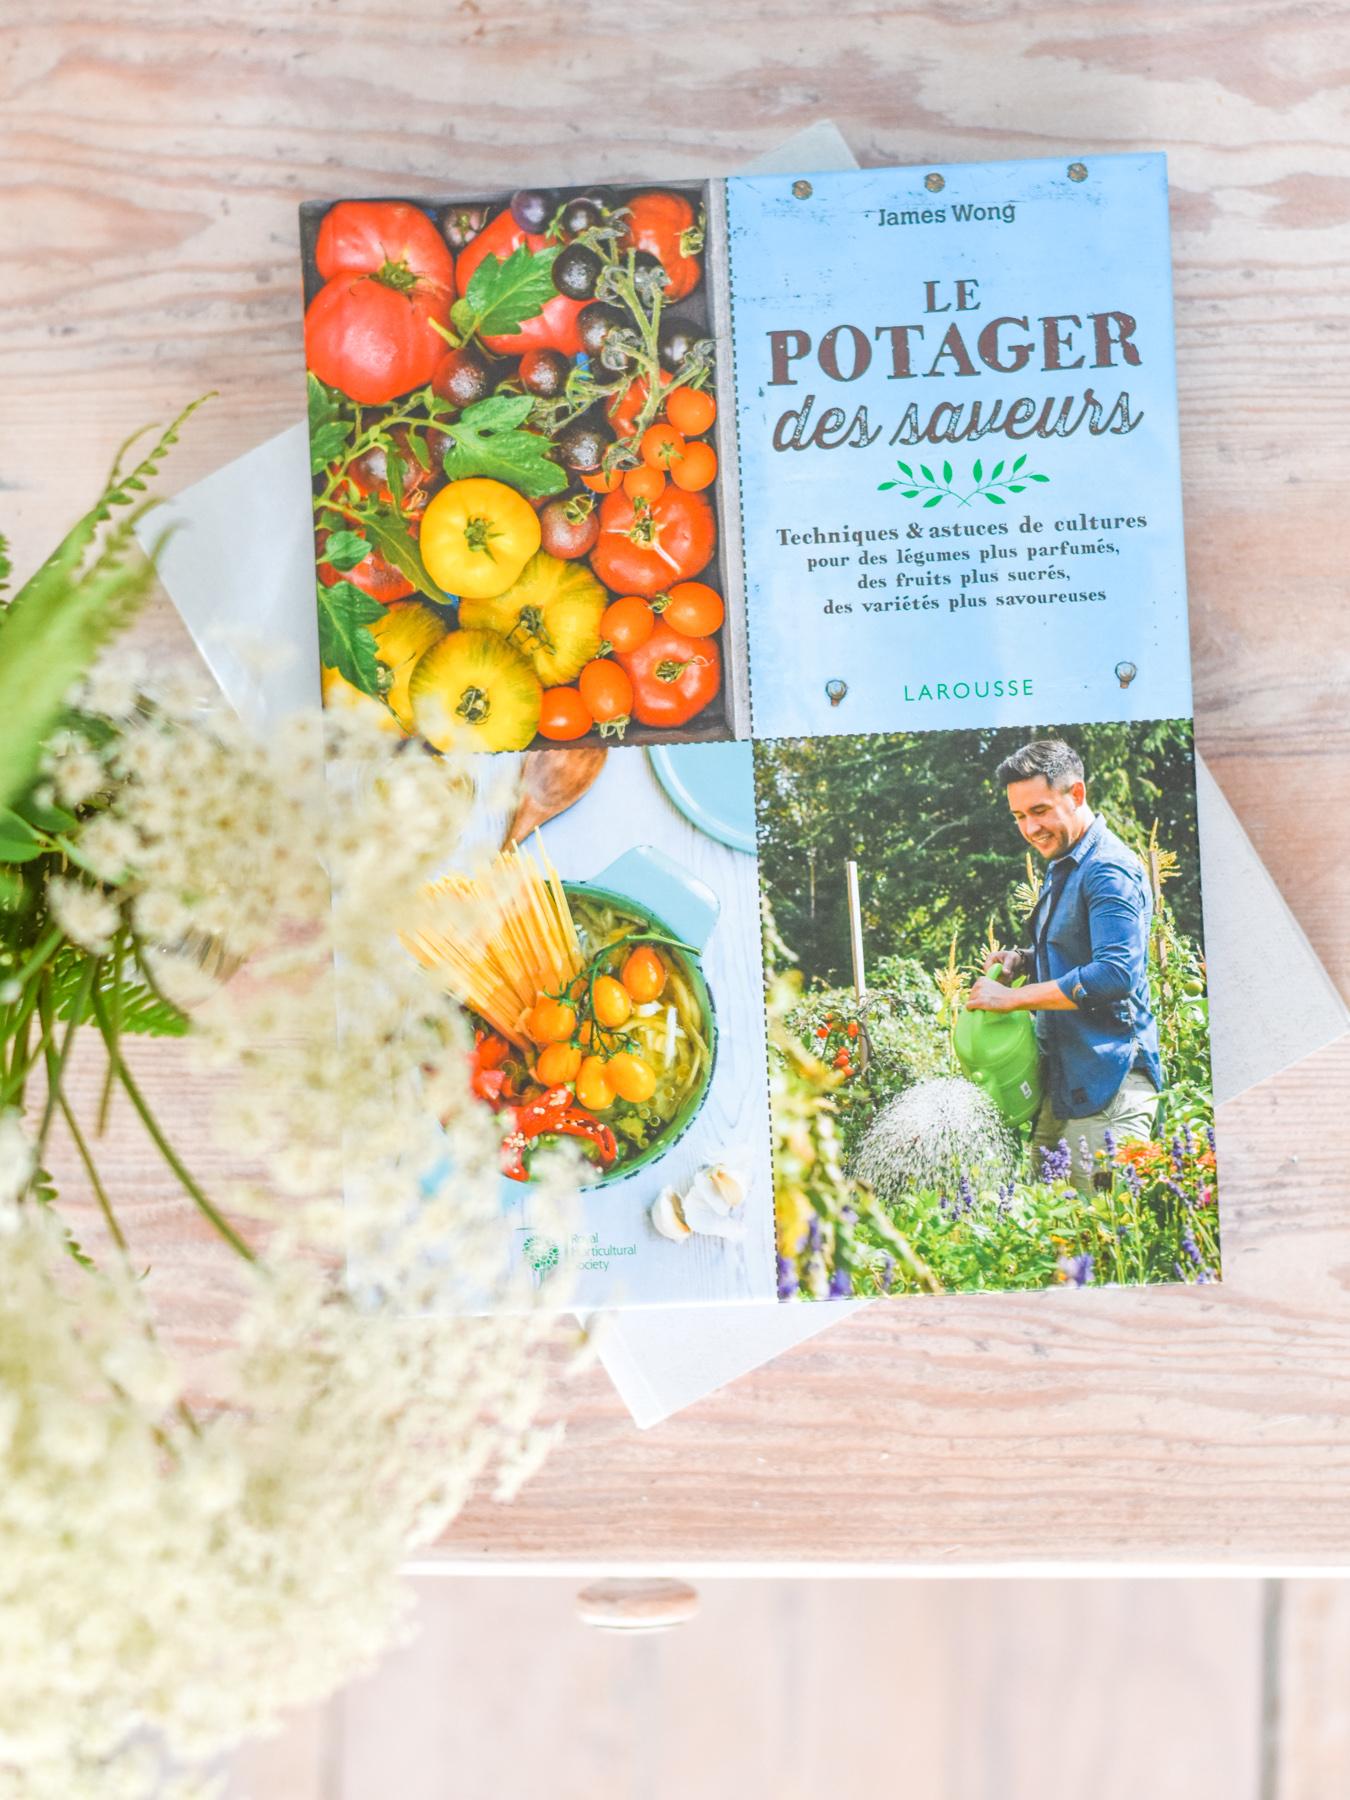 Leaf - Le potager des saveurs, un livre pour apprendre à cultiver des fruits et légumes qui ont du goût